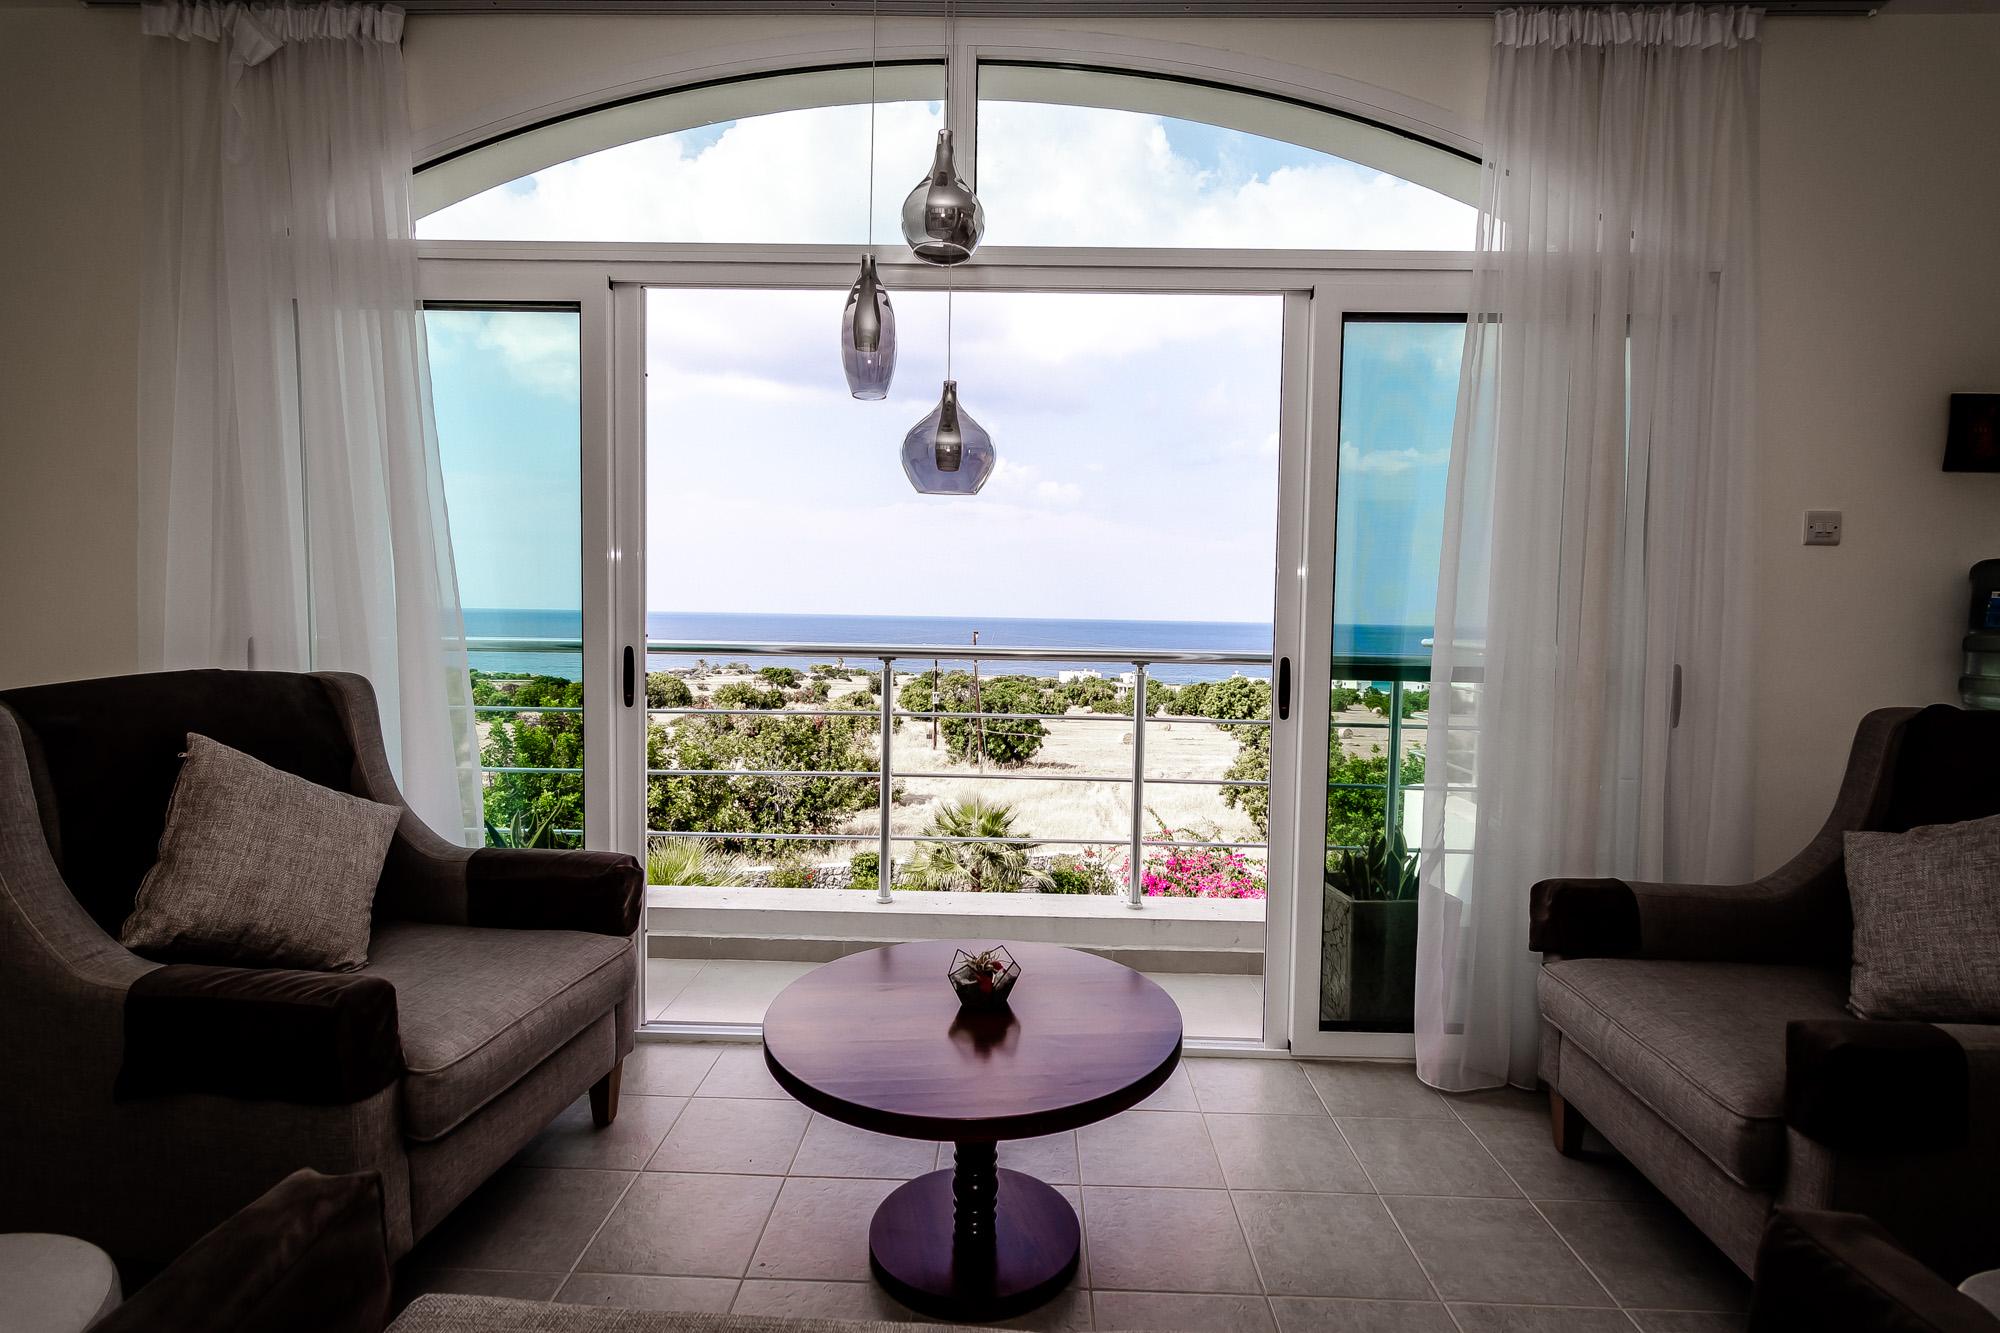 Apartment Joya Cyprus Moonlit Penthouse Apartment photo 20405556